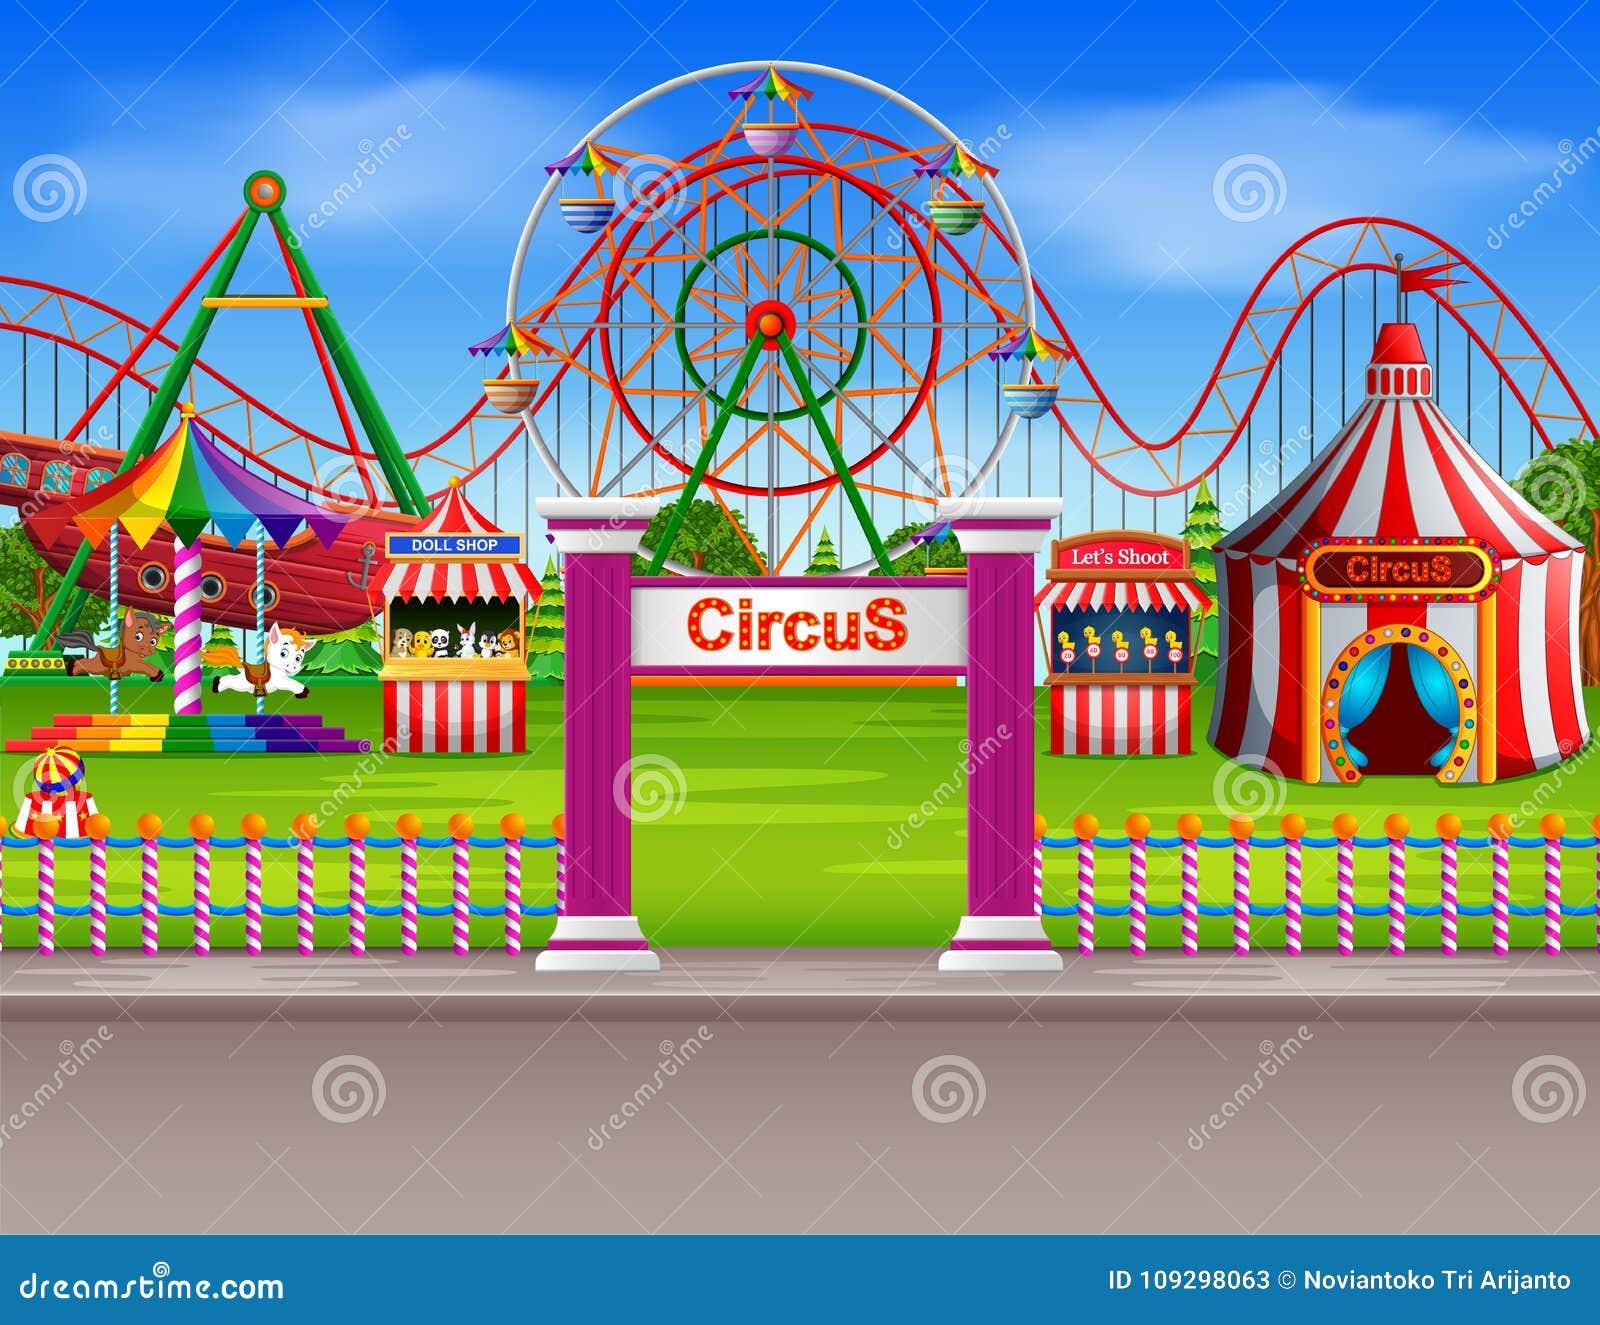 La scena del parco di divertimenti al giorno con molti guida